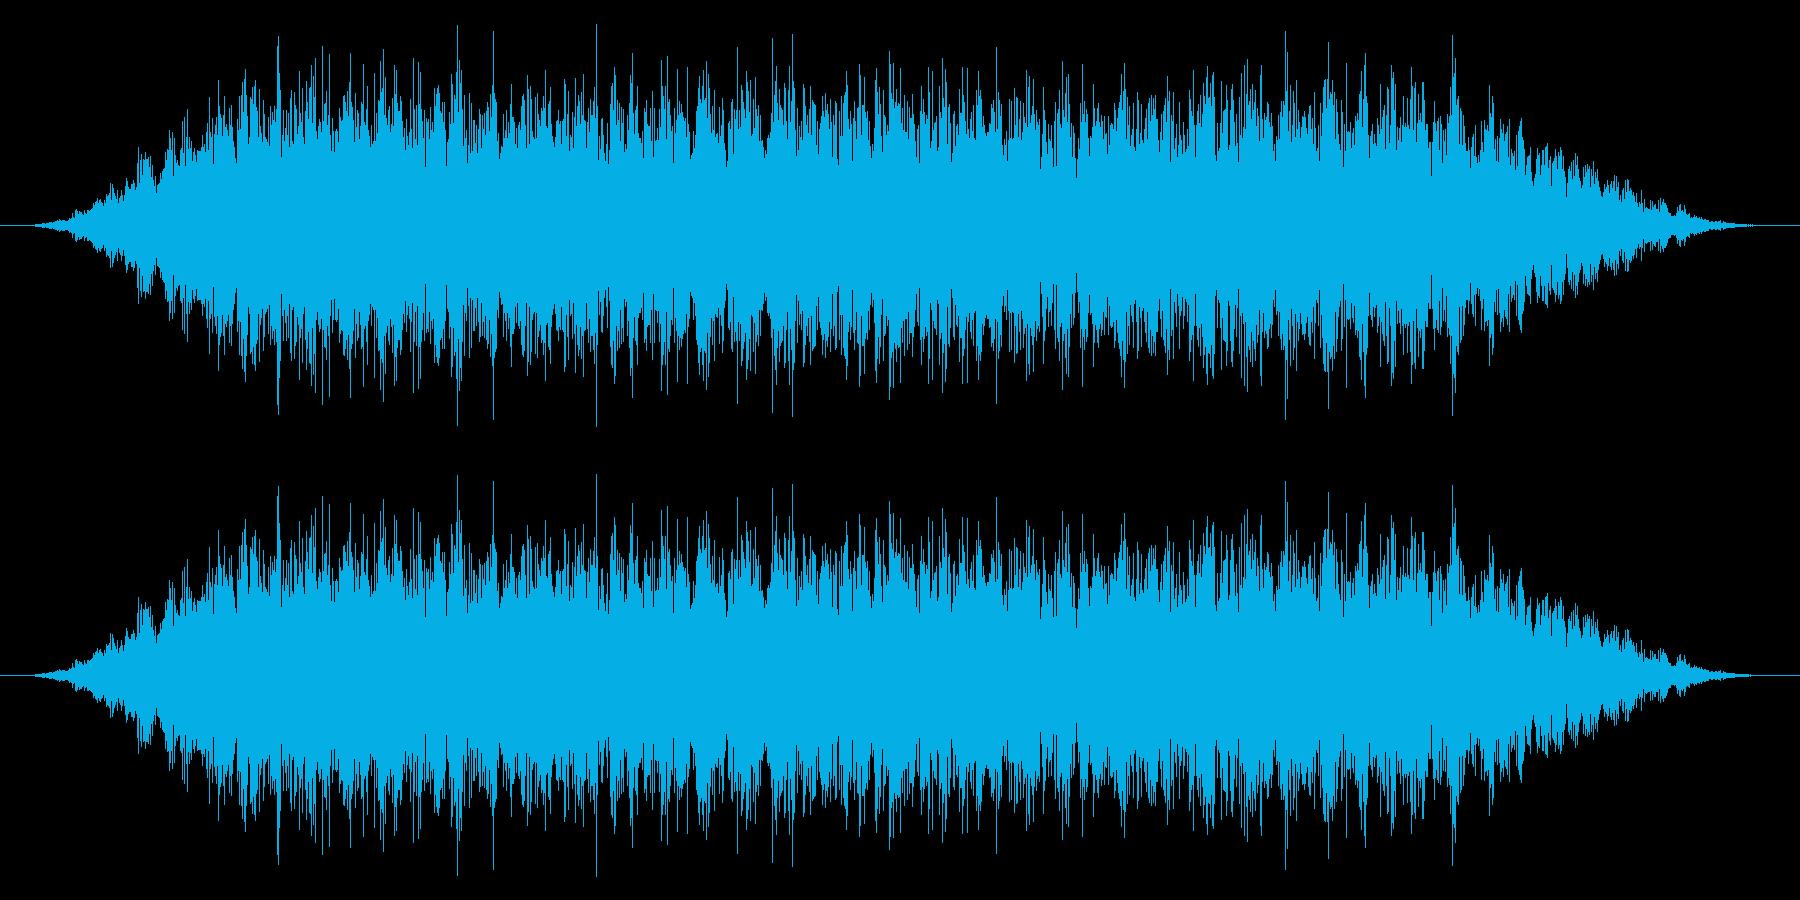 カエル/中距離/合唱(10秒Ver.)の再生済みの波形